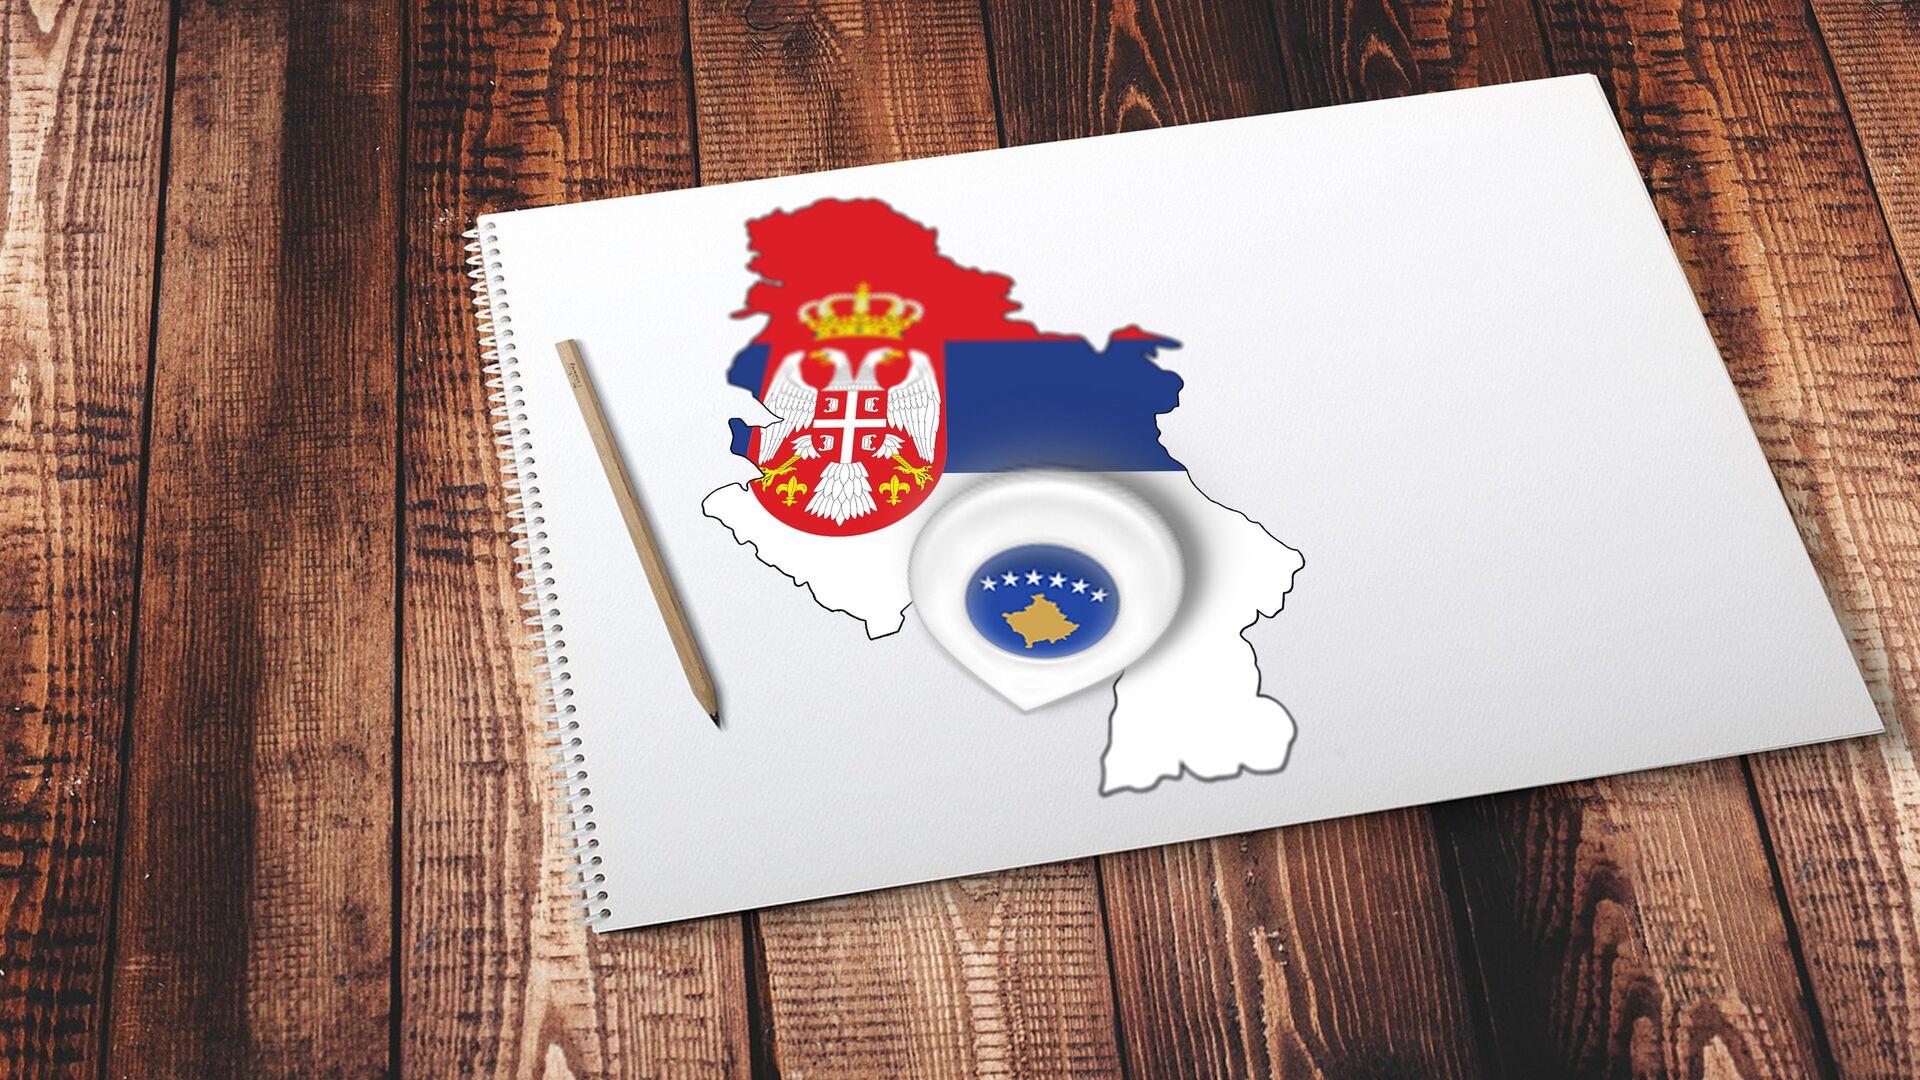 Косово и Србија - илустрација - Sputnik Србија, 1920, 02.08.2021